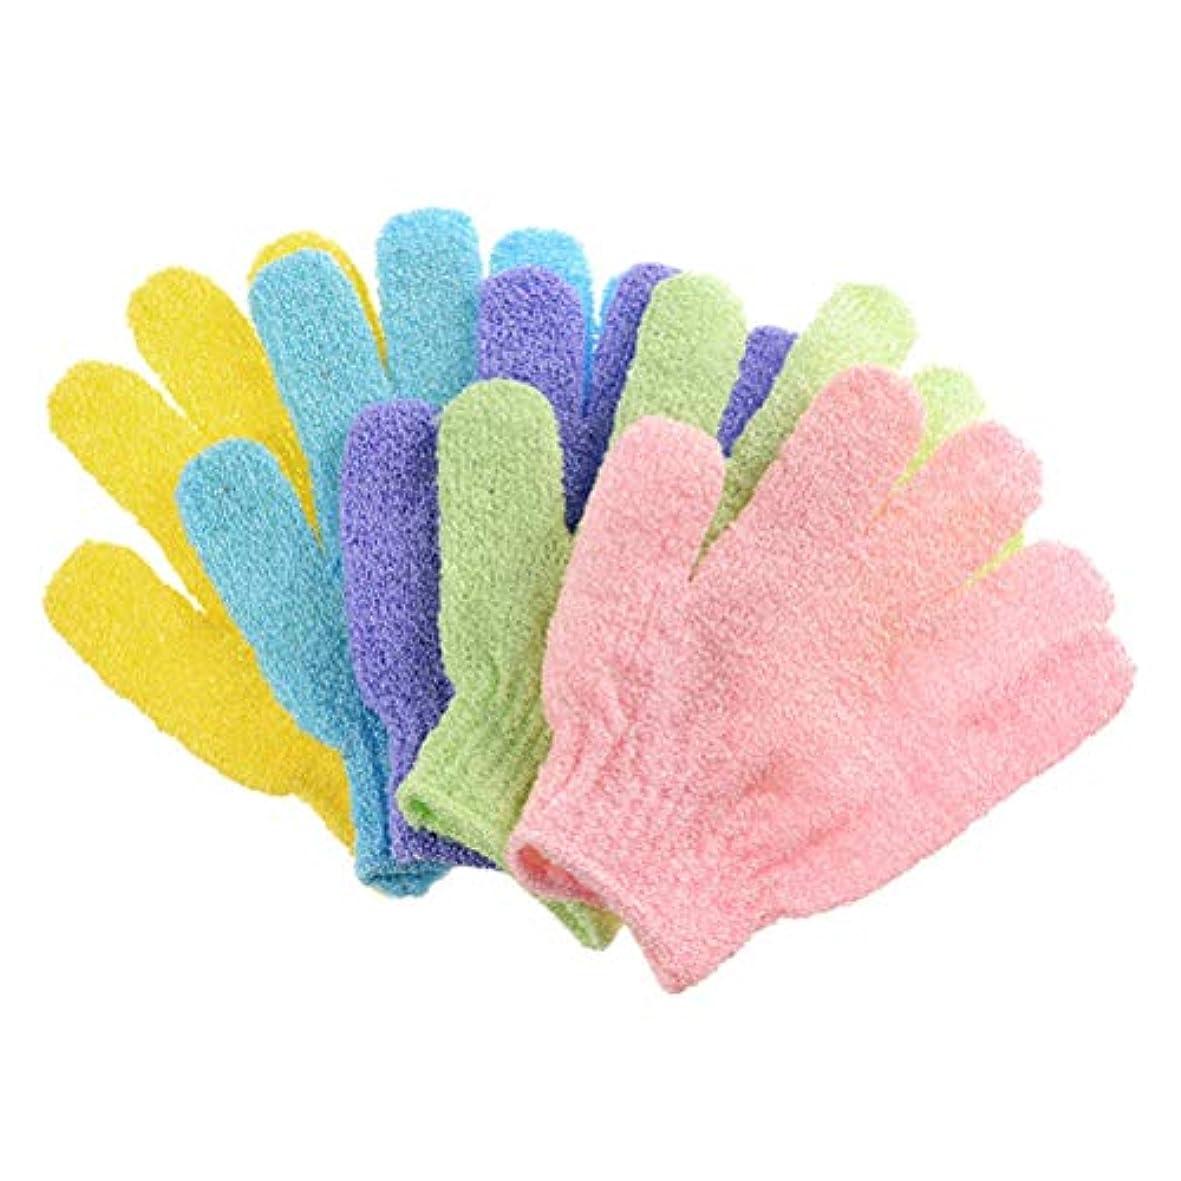 走るノベルティ有益なTOPBATHY 20ピースバスウォッシュタオル剥離バスクロス手袋バックスクラバーバスクロスタオルボディ用入浴用シャワースパ(混色)